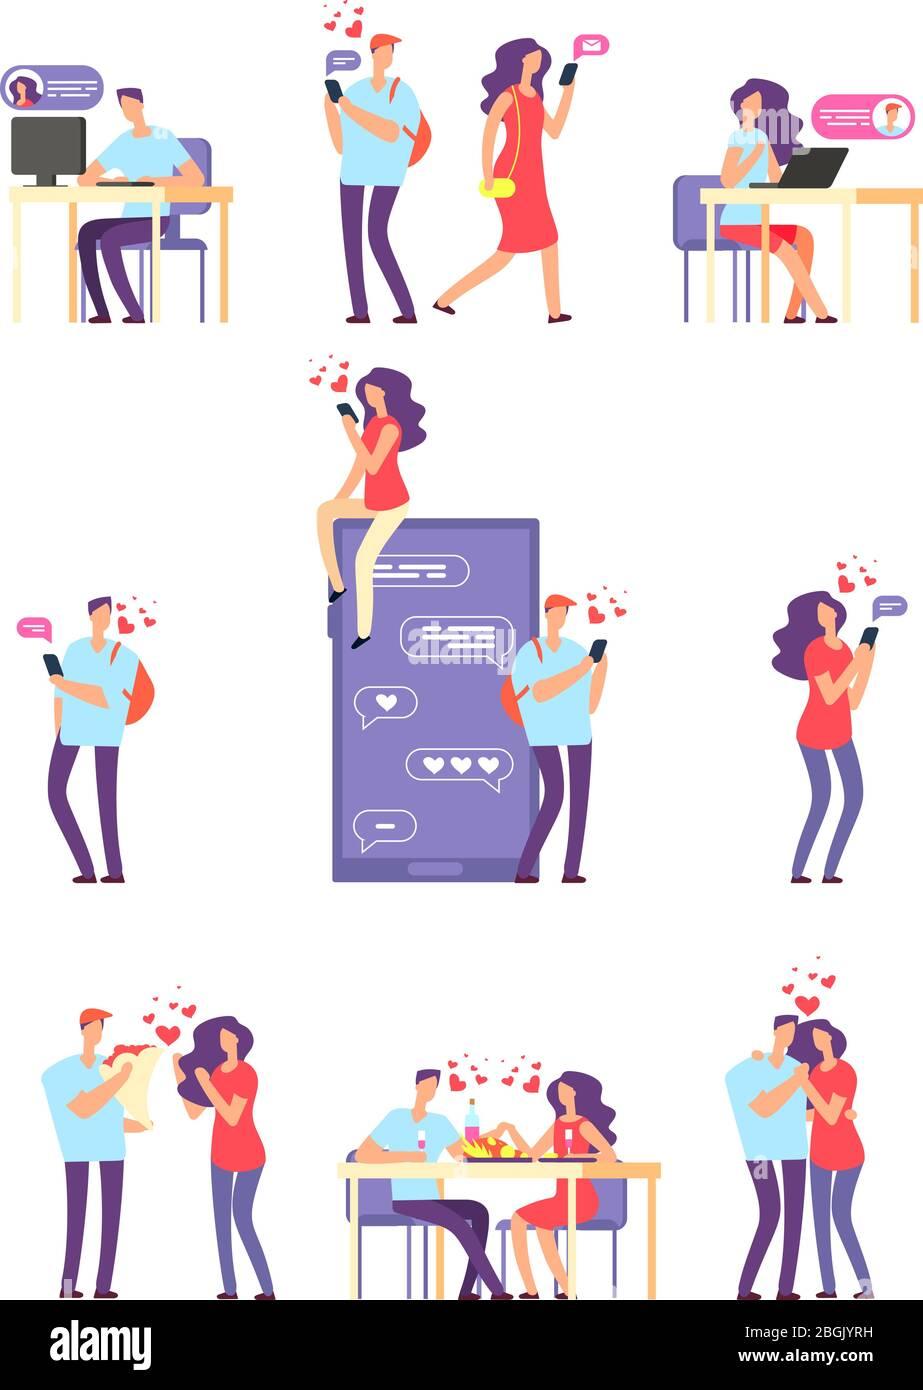 Rencontres romantiques en ligne. Homme et femme, couple mignon utilisant l'application mobile pour parler et aimer la relation. Concept vectoriel. Datation et amour, en ligne homme et femme illustration de la relation Illustration de Vecteur